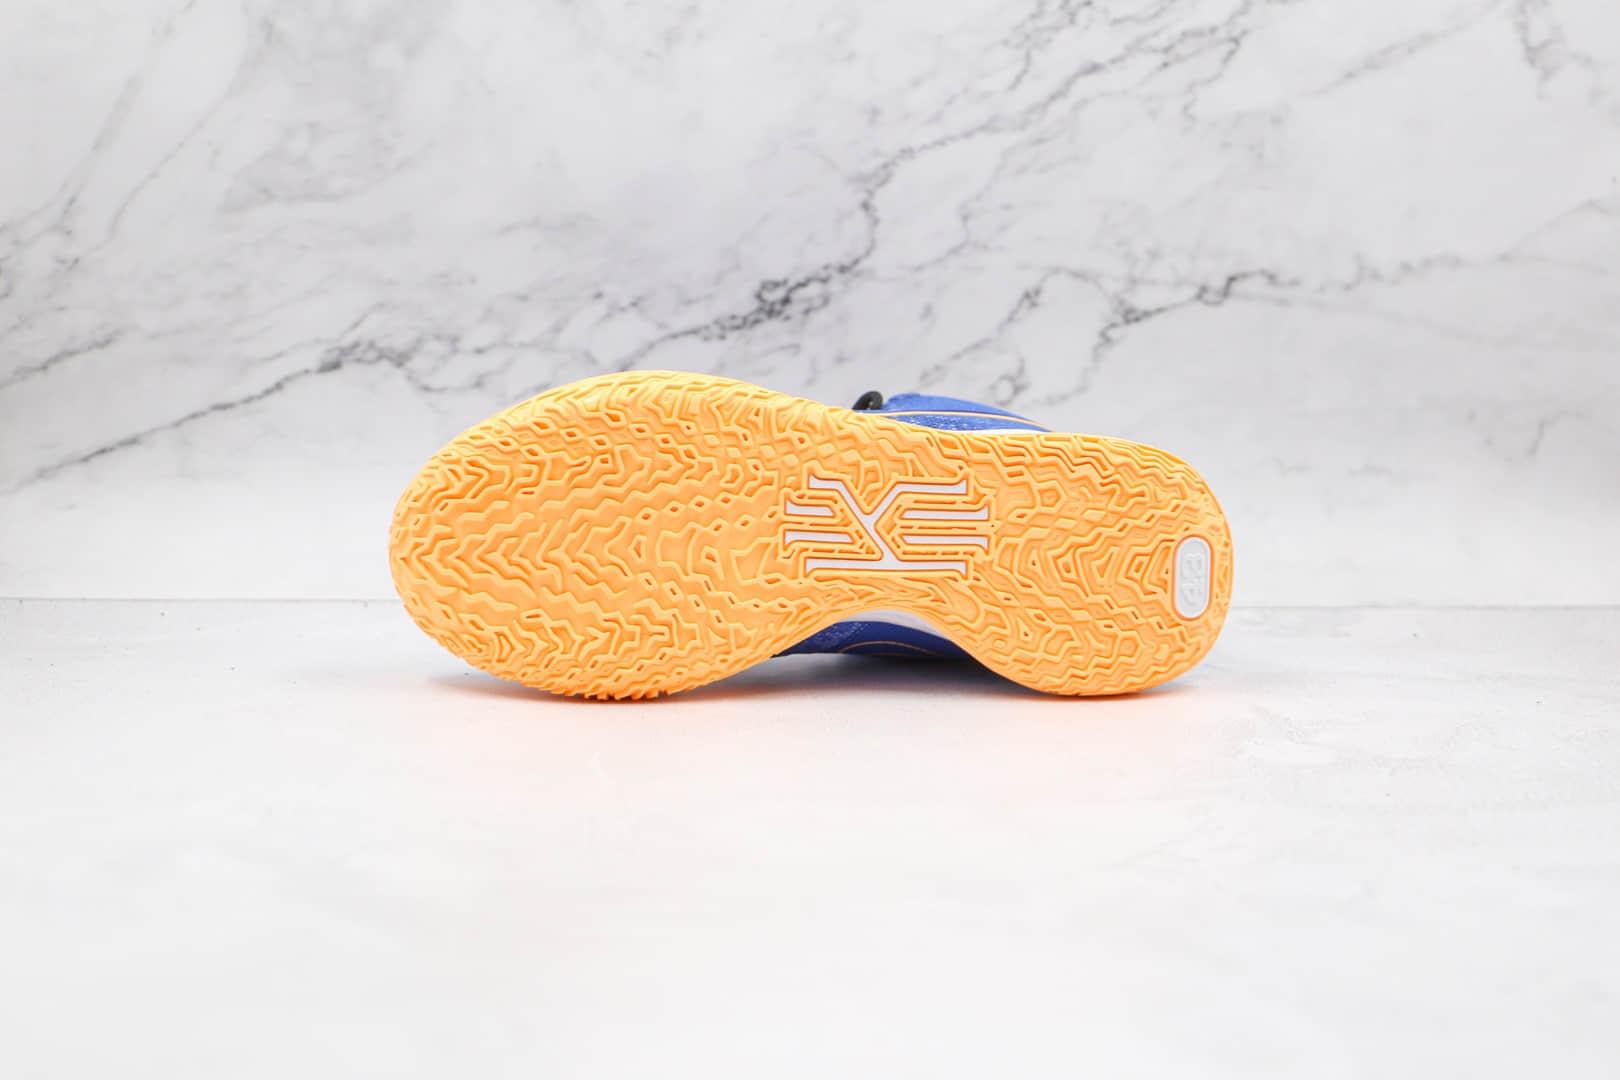 耐克Nike Kyrie 7 Sisterhood欧文7代蓝橙色实战篮球鞋原楦头纸板打造 货号:CQ9327-400